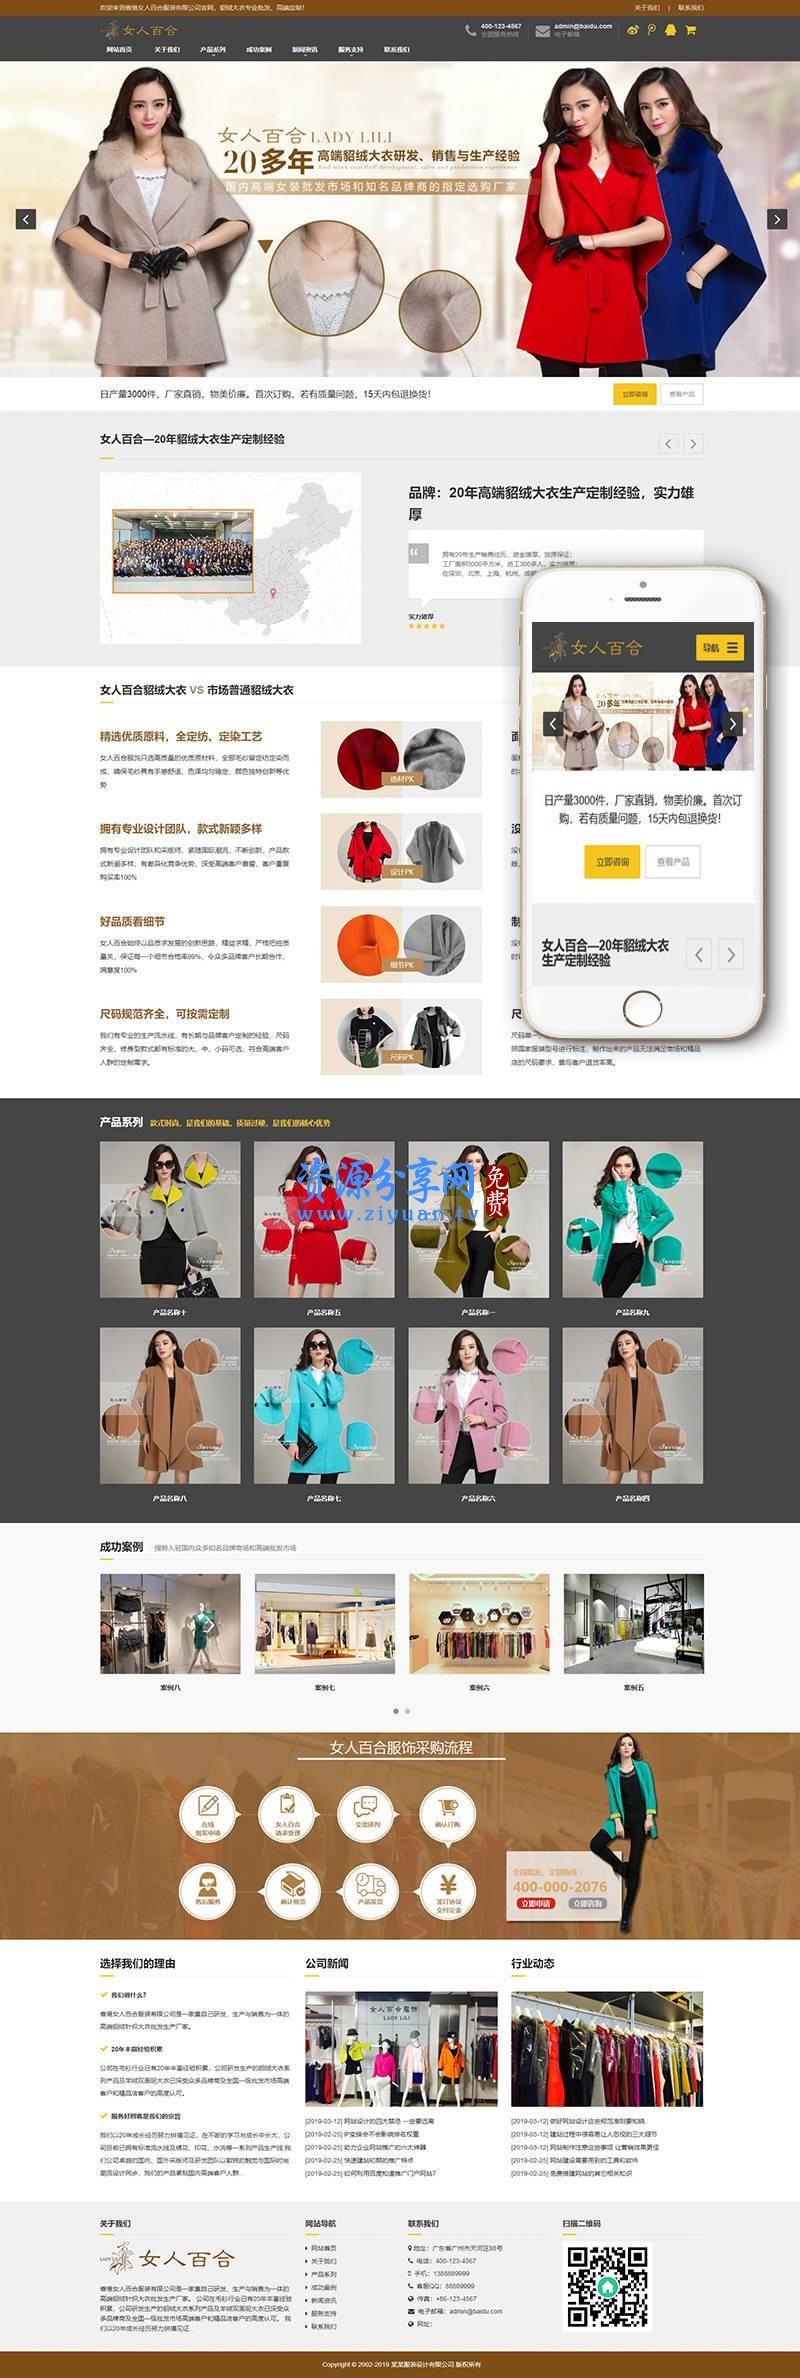 貂绒大衣服装设计生产类网站织梦模板